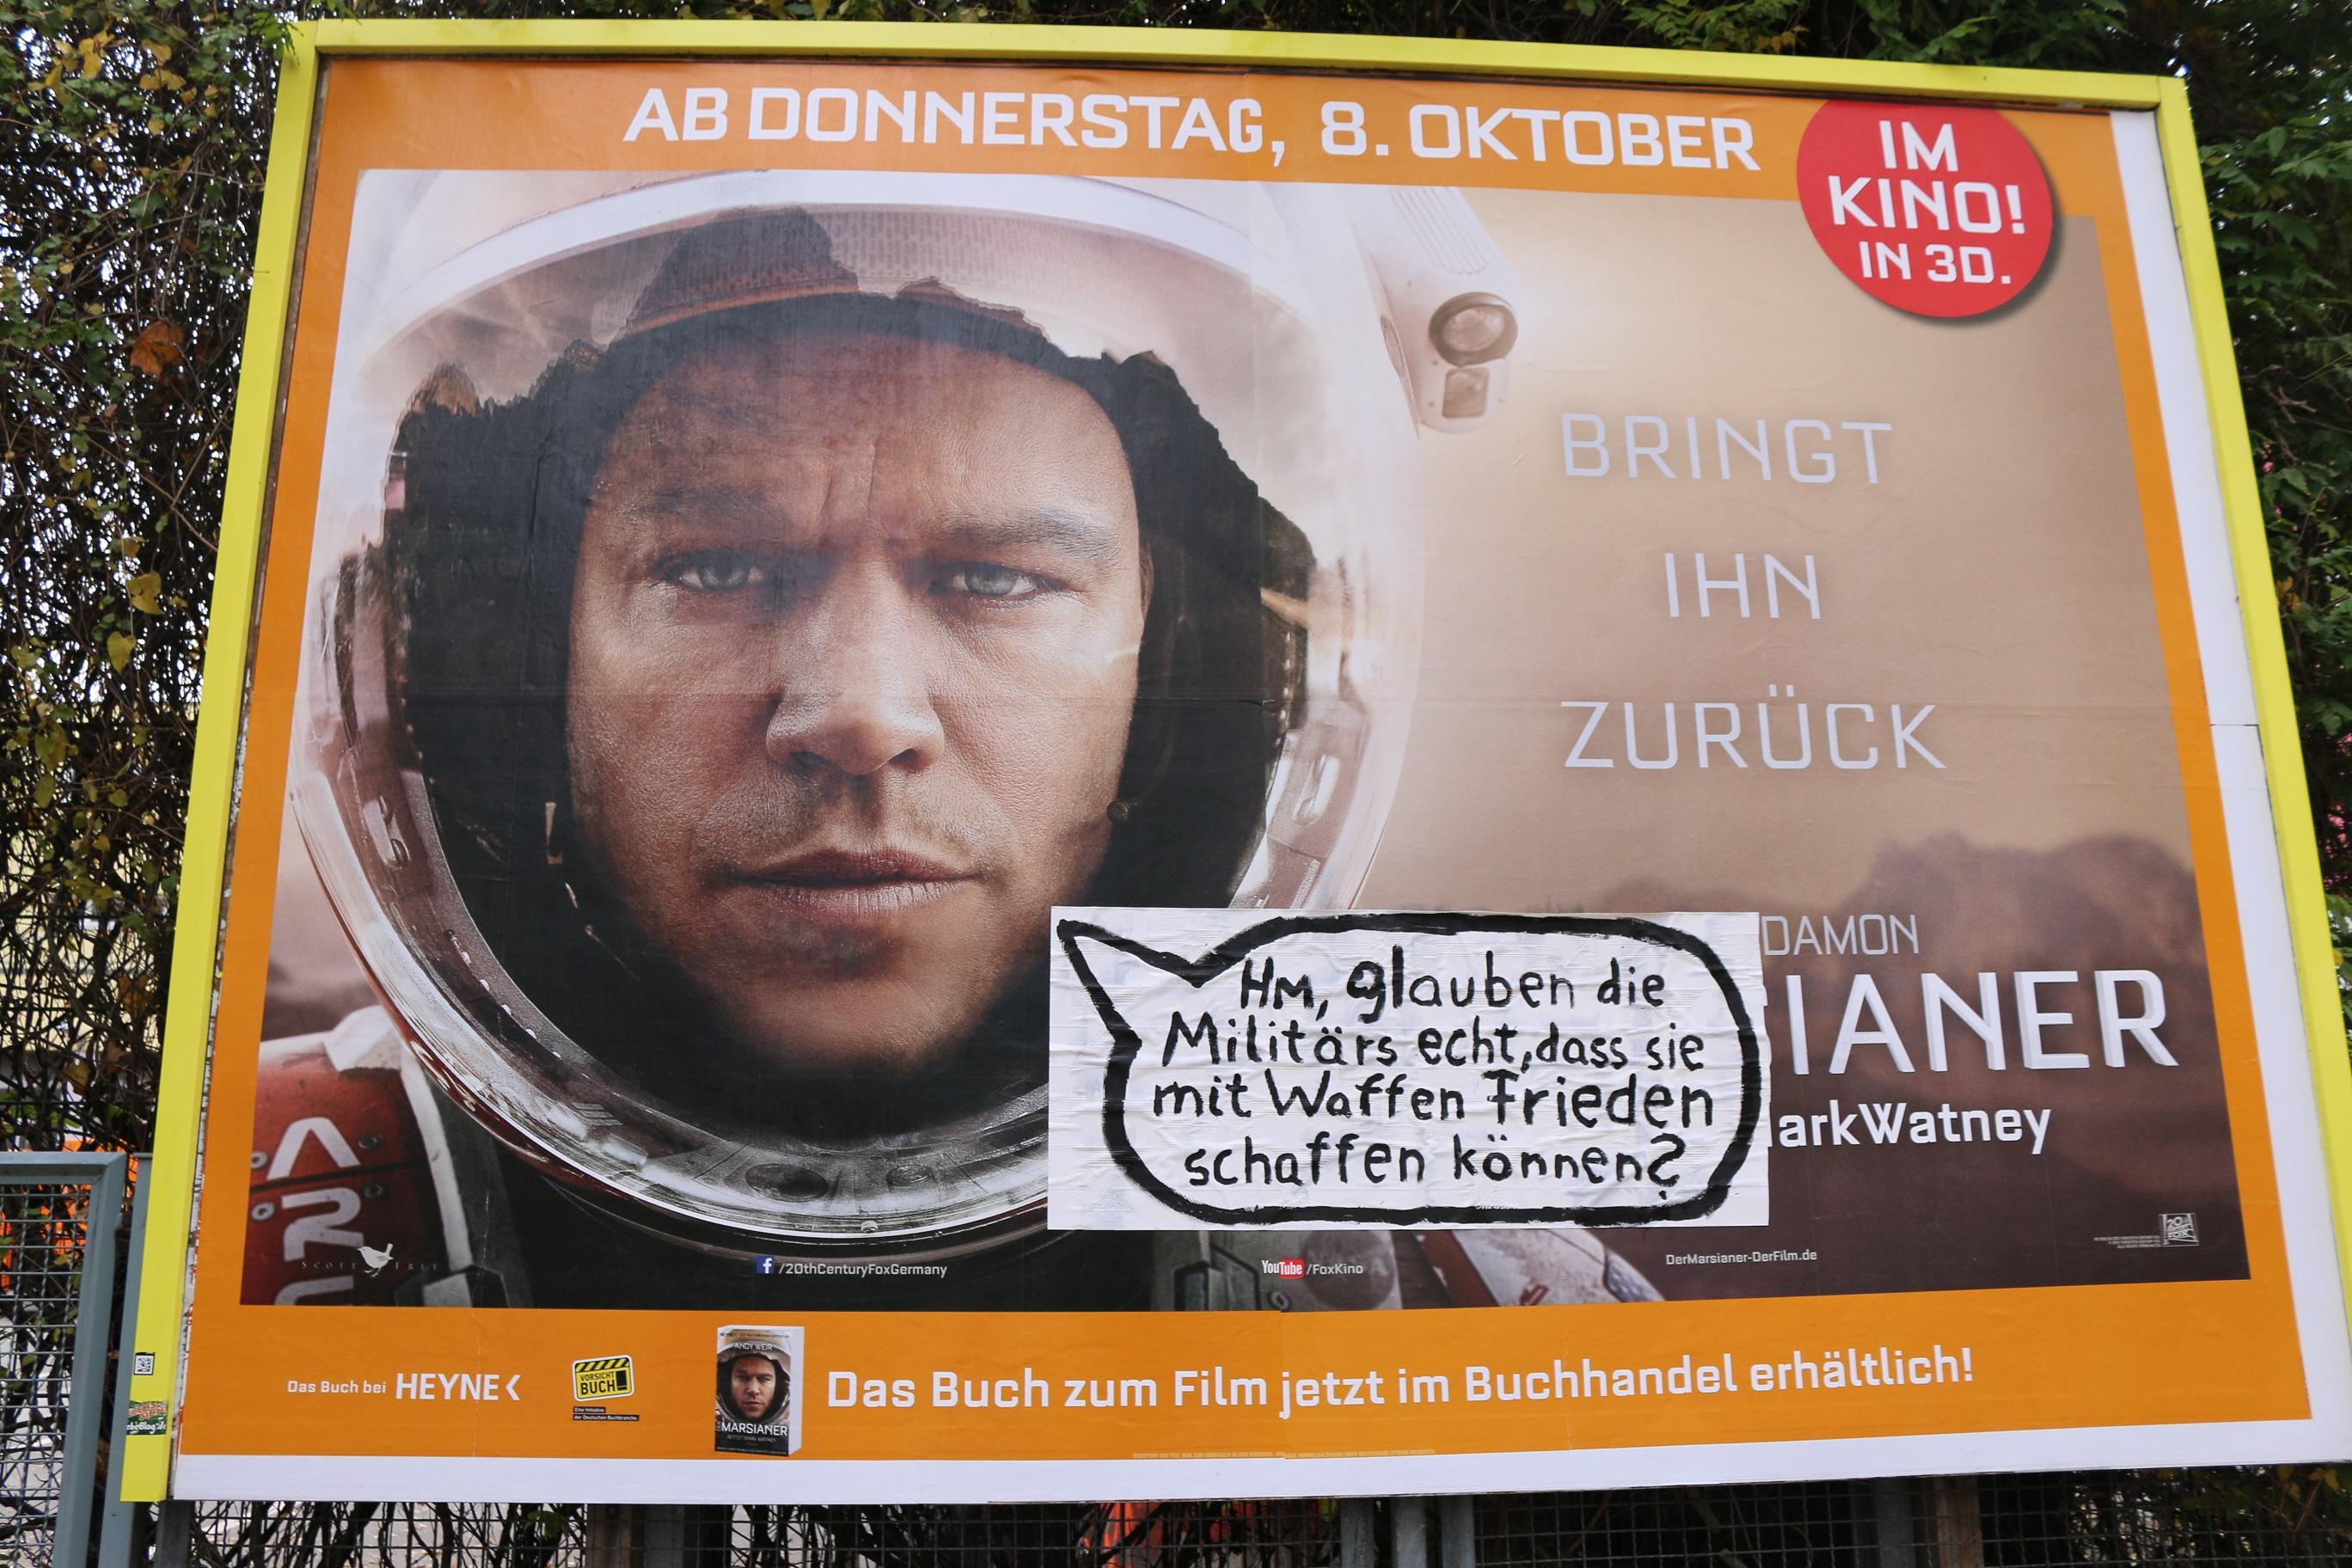 Adbusting in Berlin gegen Militär